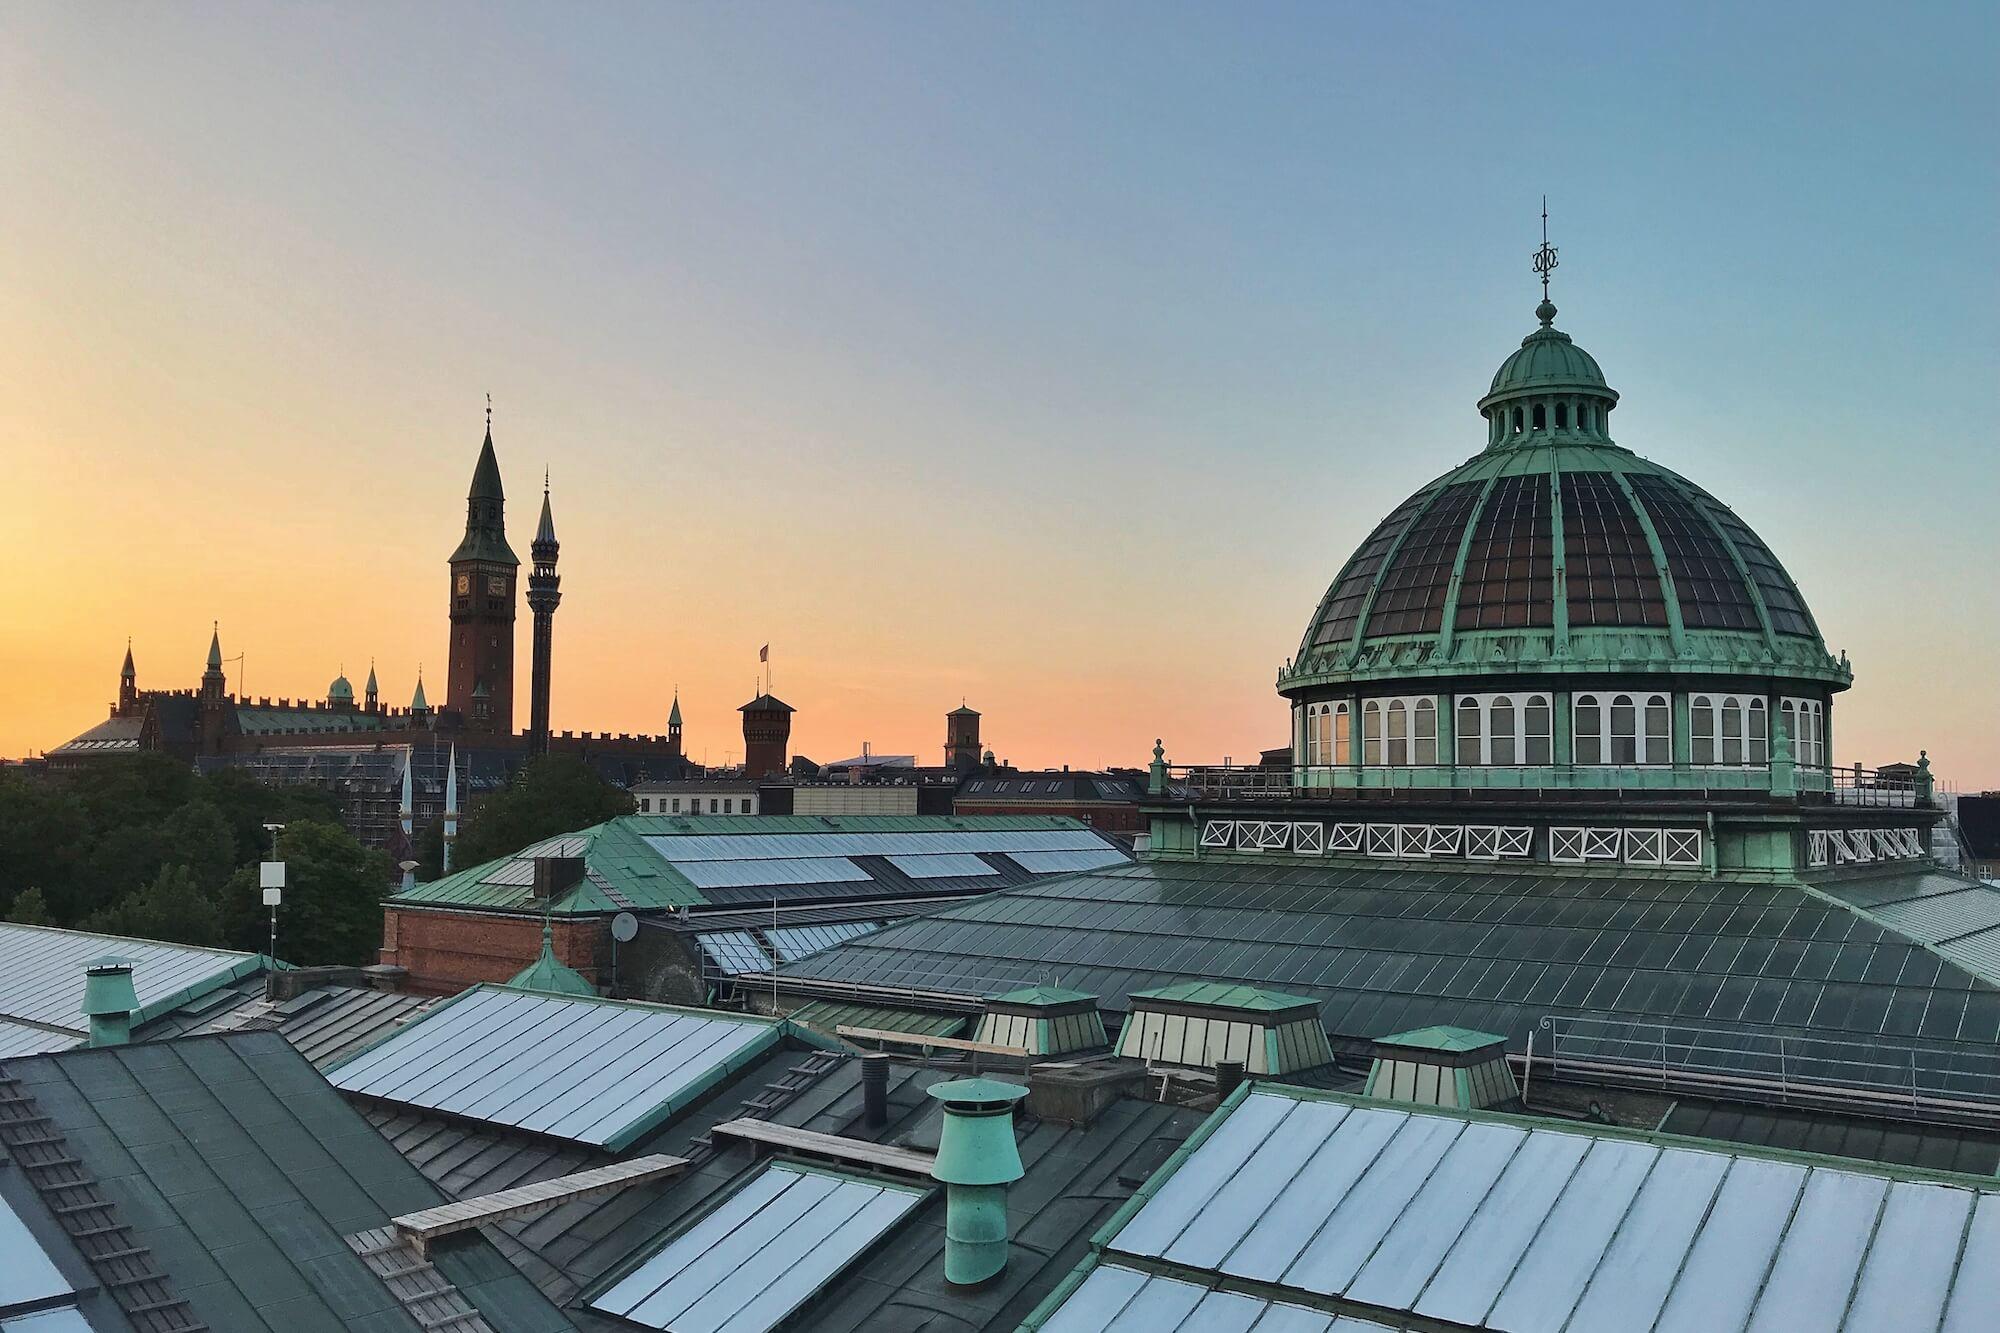 Die dänische Hauptstadt hat unzählige Museen und Kulturinstitutionen zu bieten. Wir haben hier die schönsten Museen in Kopenhagen aufgelistet.